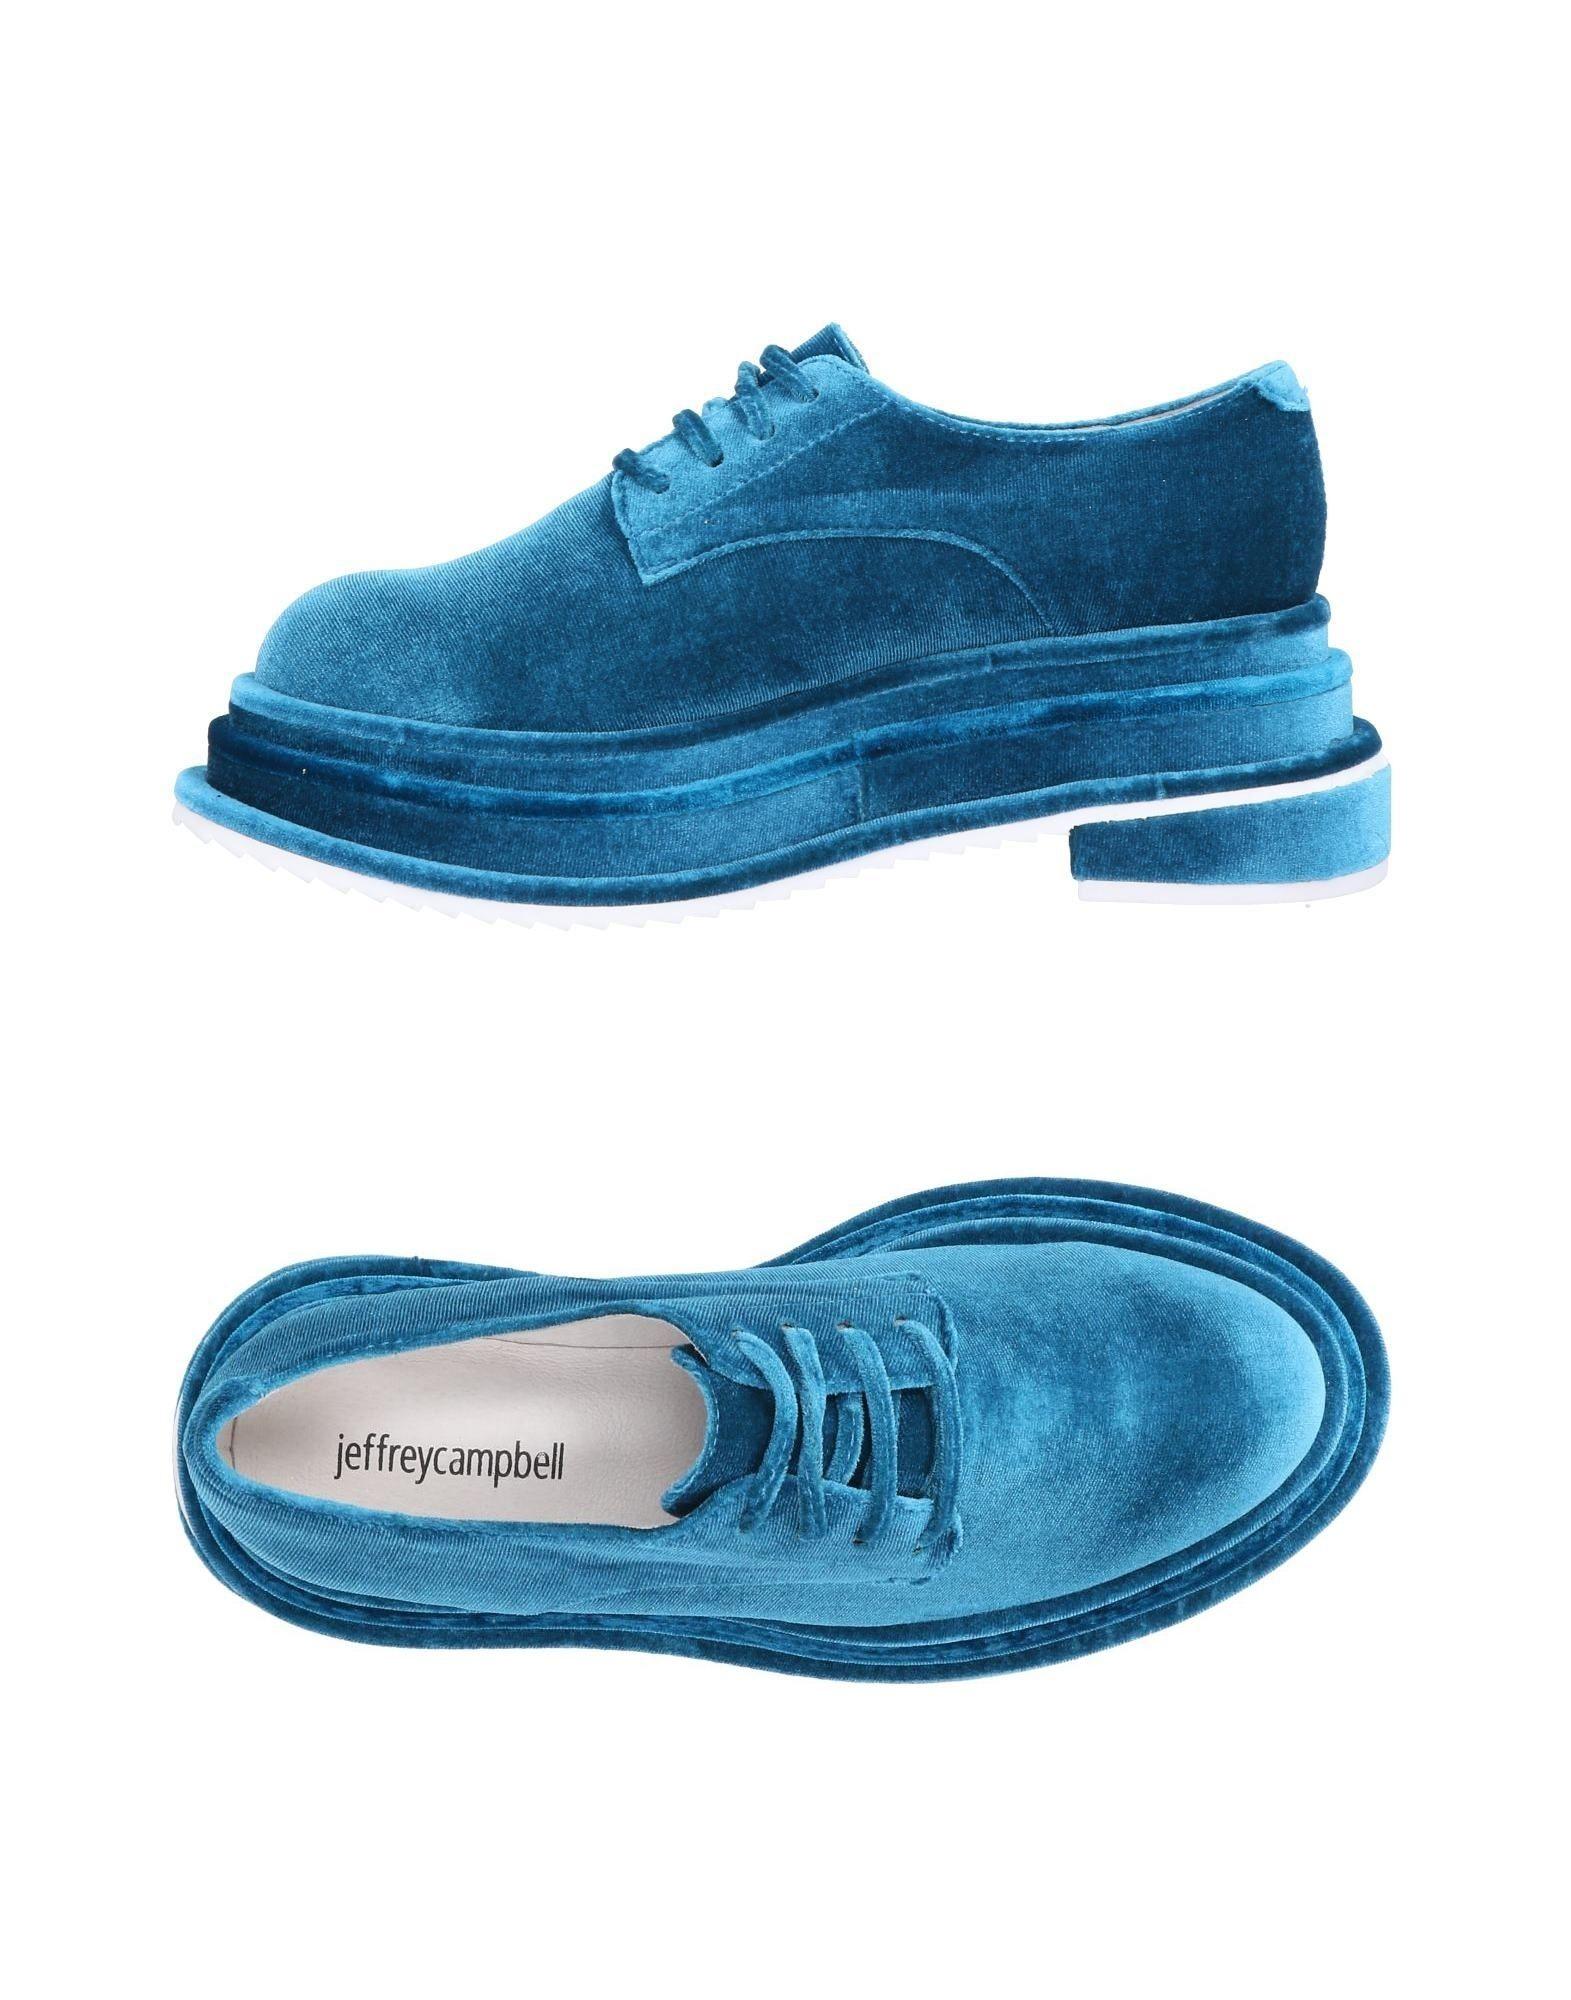 Jeffrey Campbell Schnürschuhe Damen  11496432UA Gute Qualität beliebte Schuhe